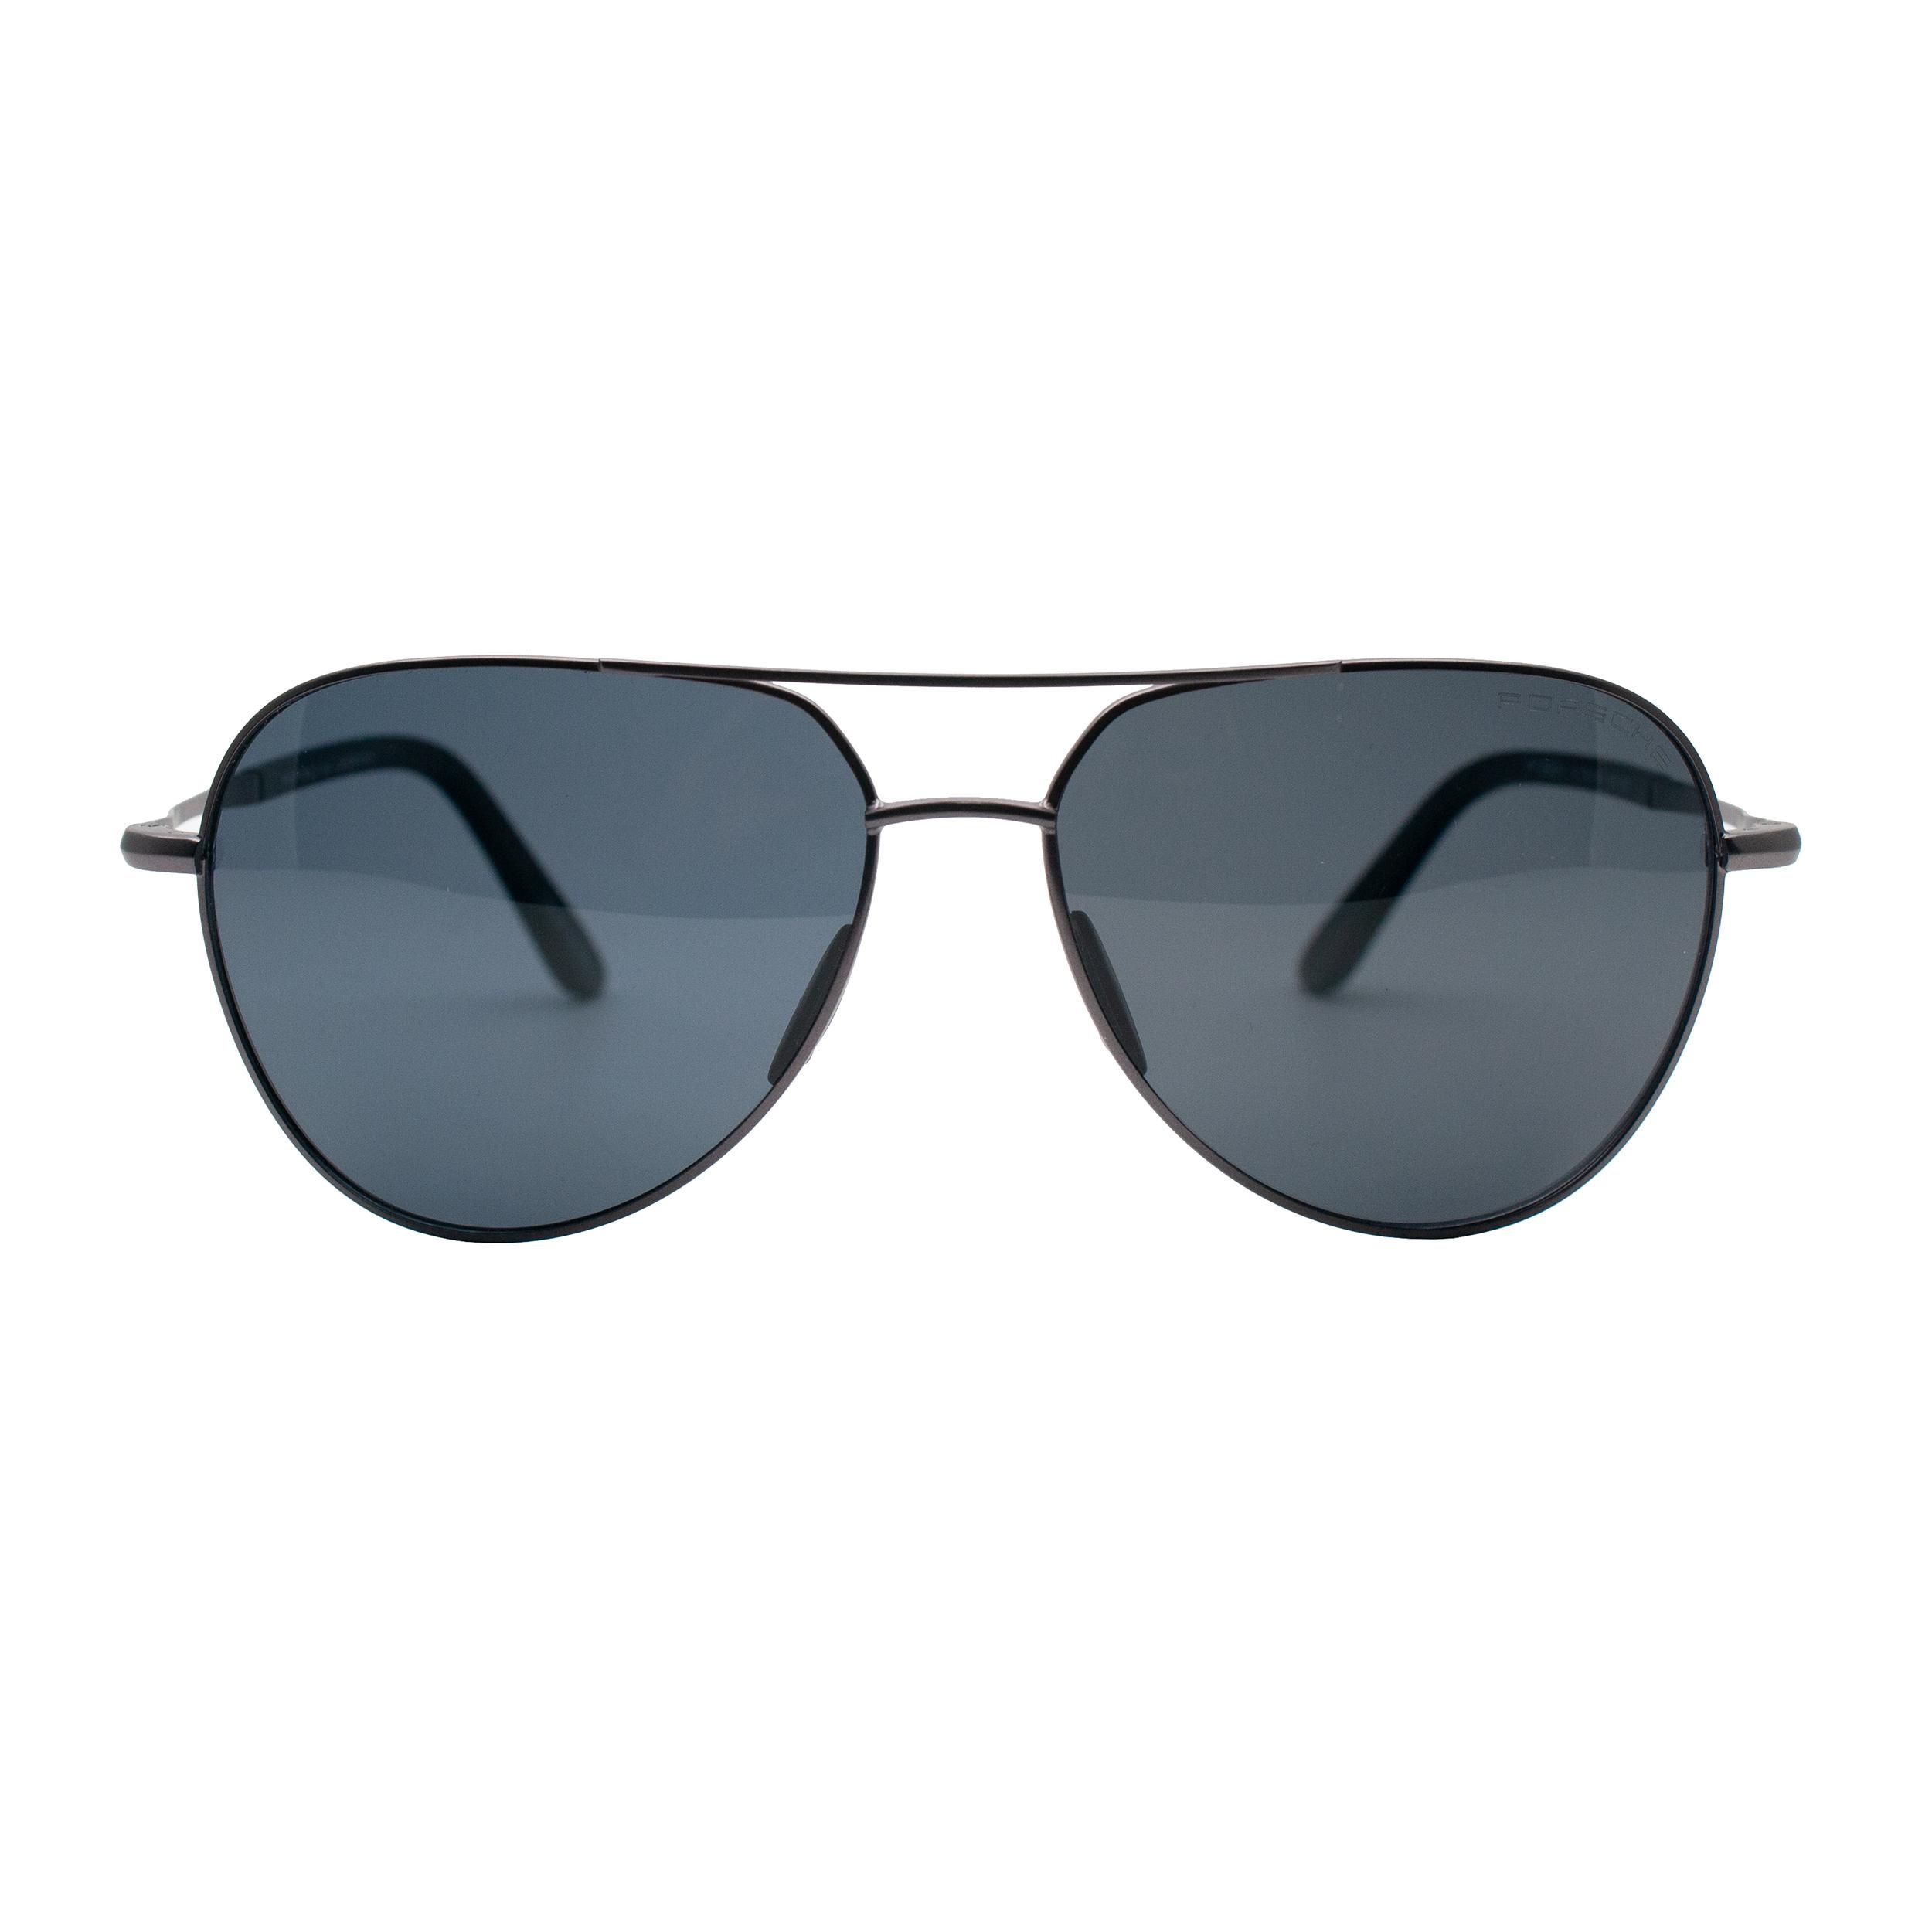 عینک آفتابی پورش دیزاین مدل P 8804